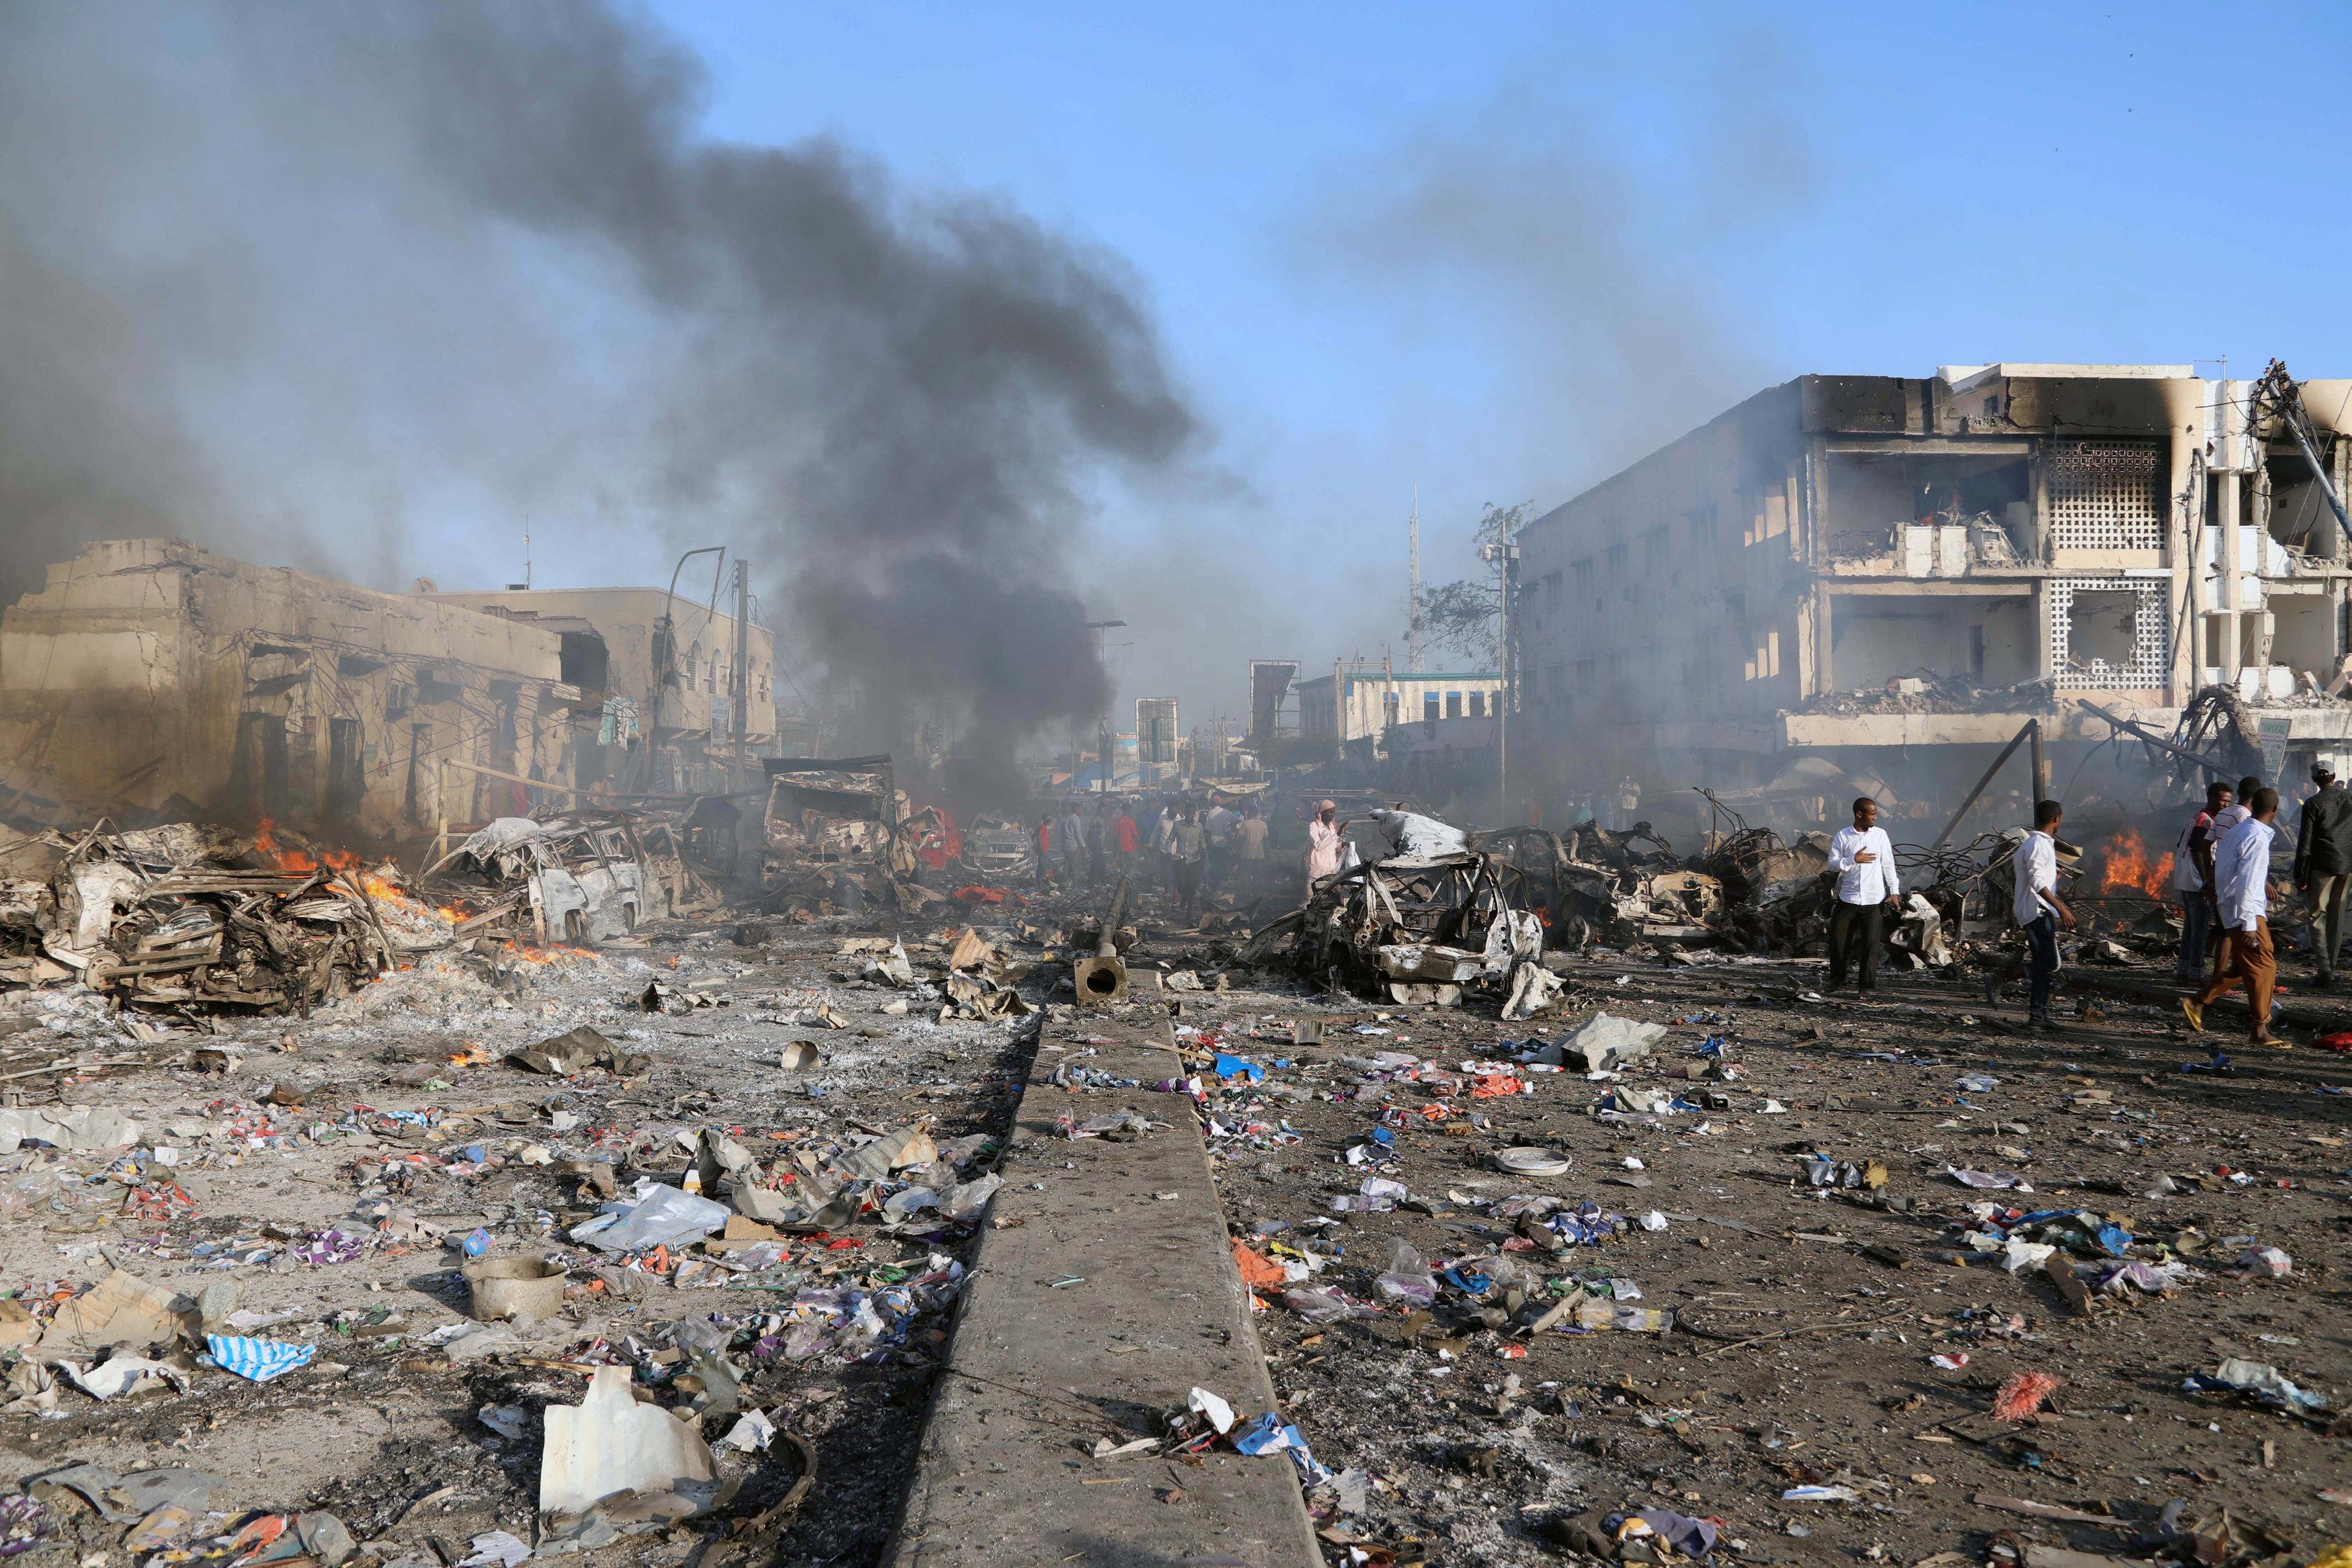 السفارة القطرية تتعرض لأضرار جسيمة بانفجار مقديشو